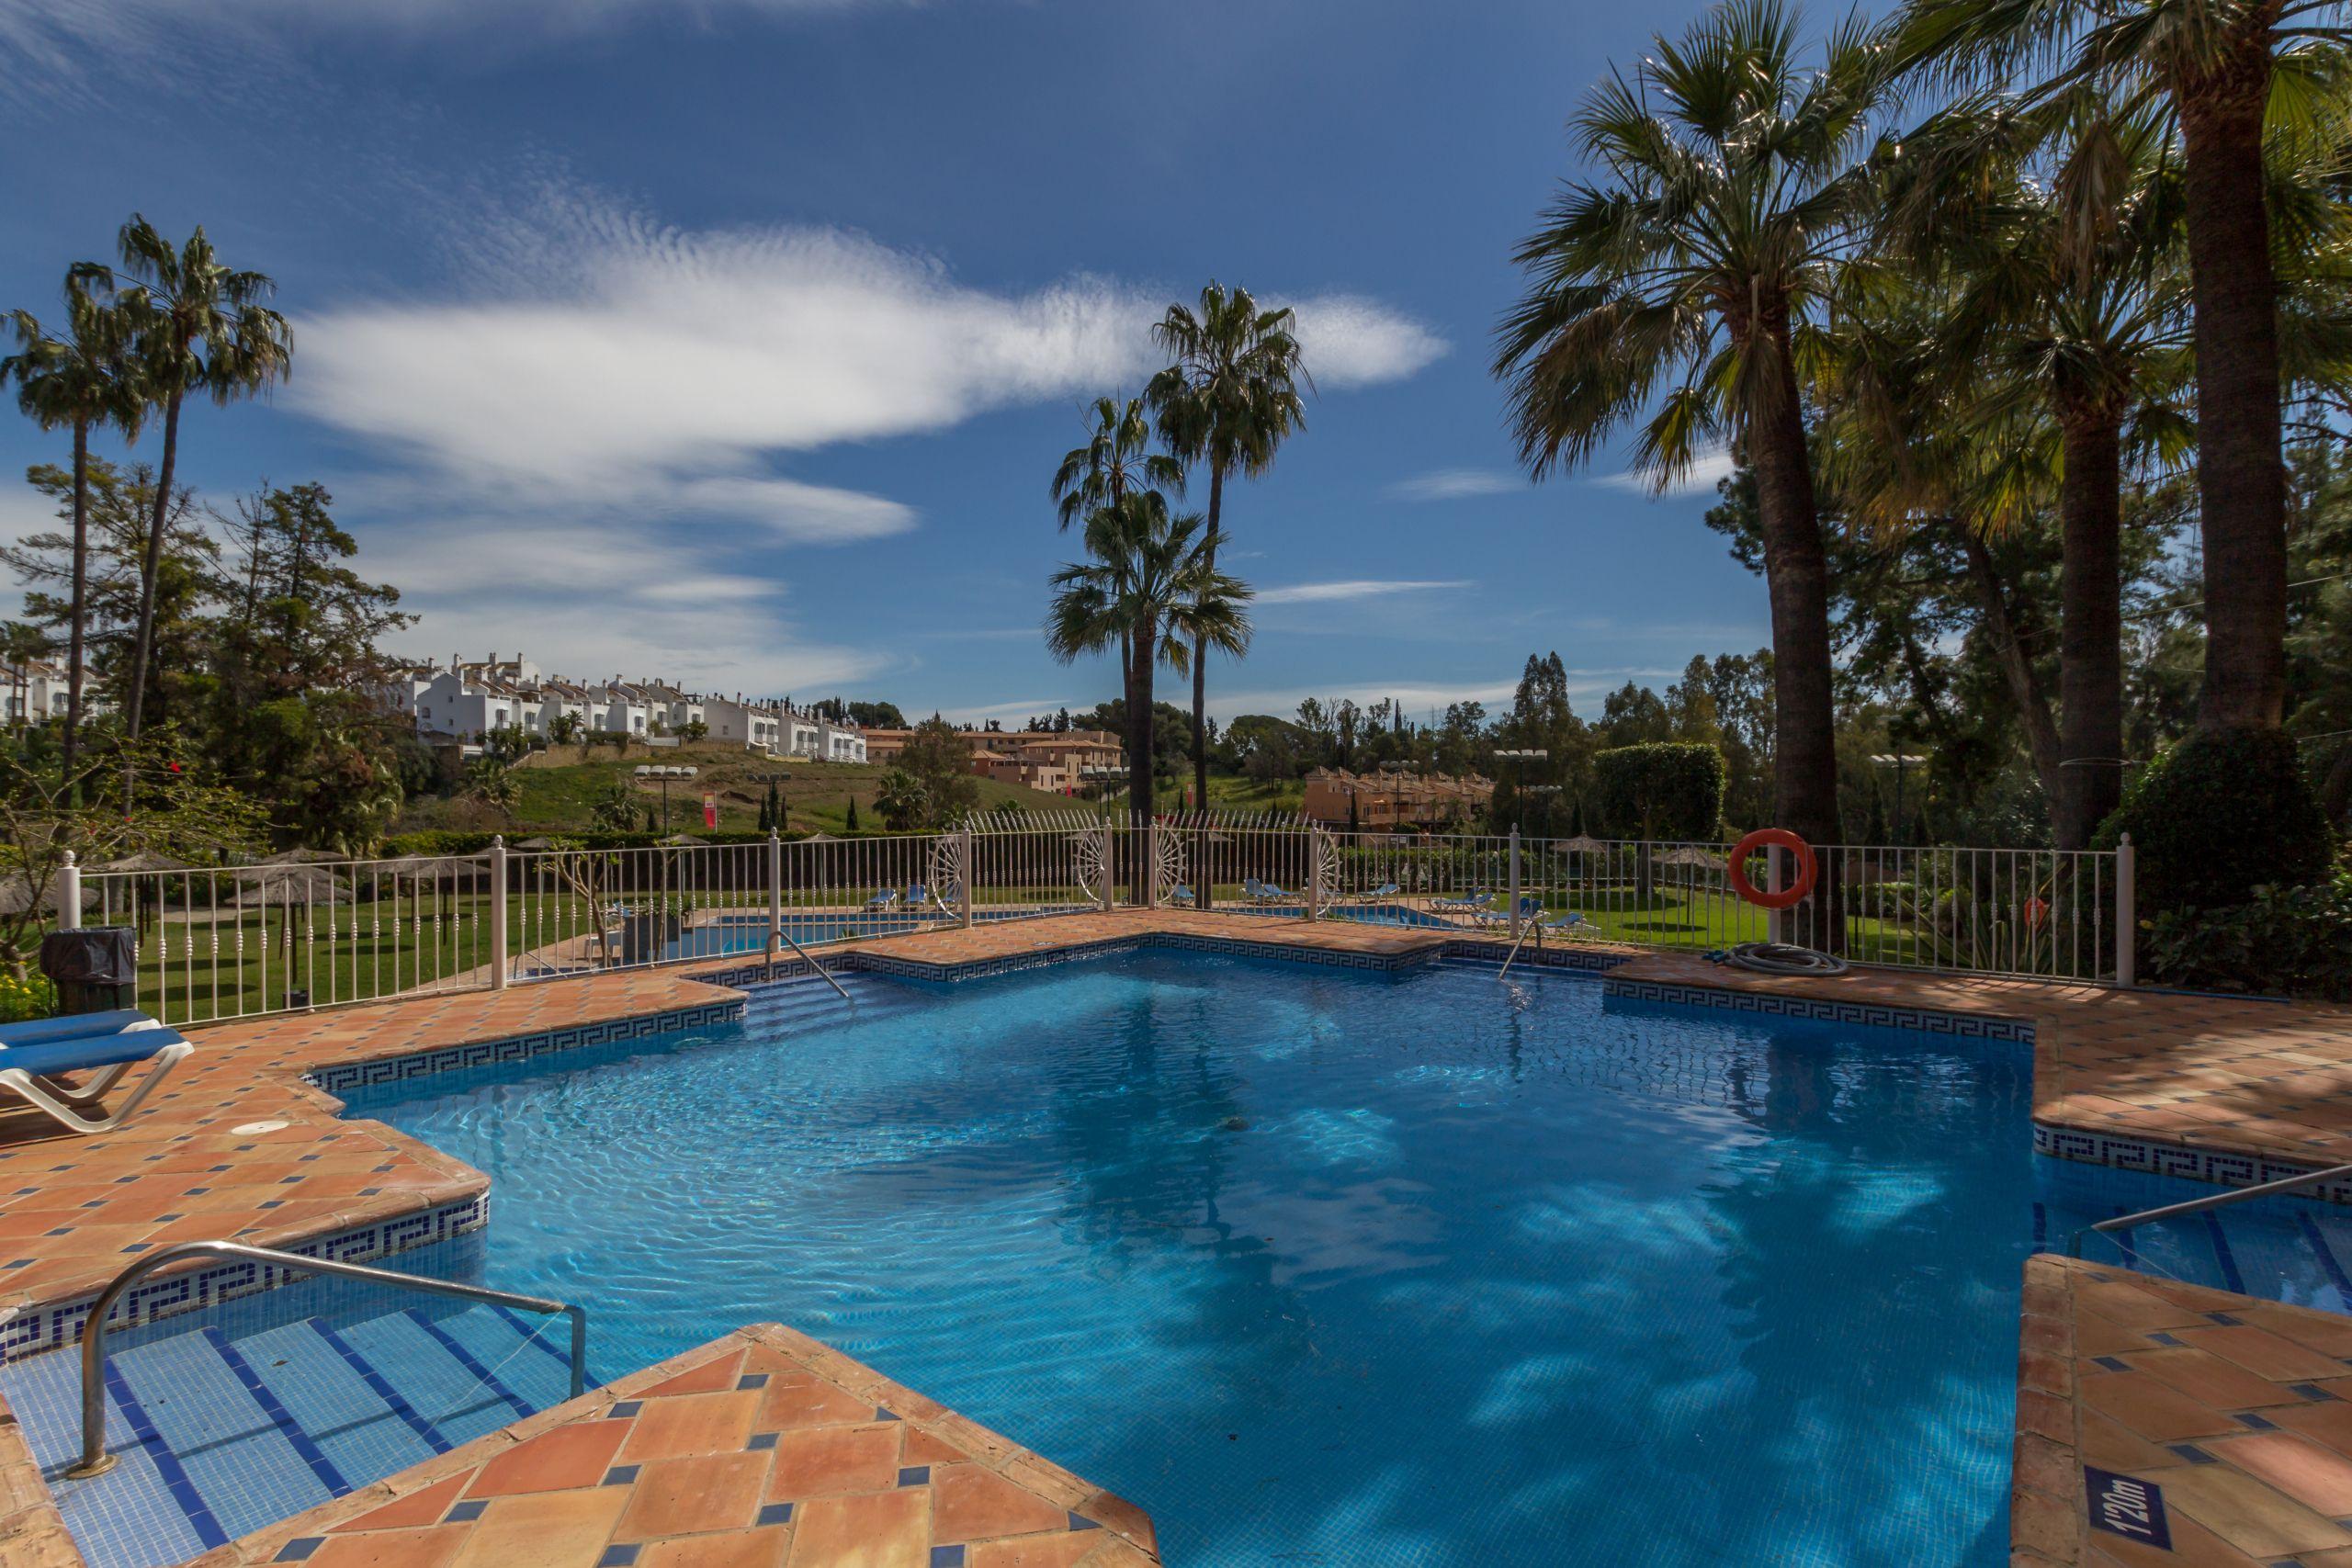 Señorio de Marbella Holiday Home